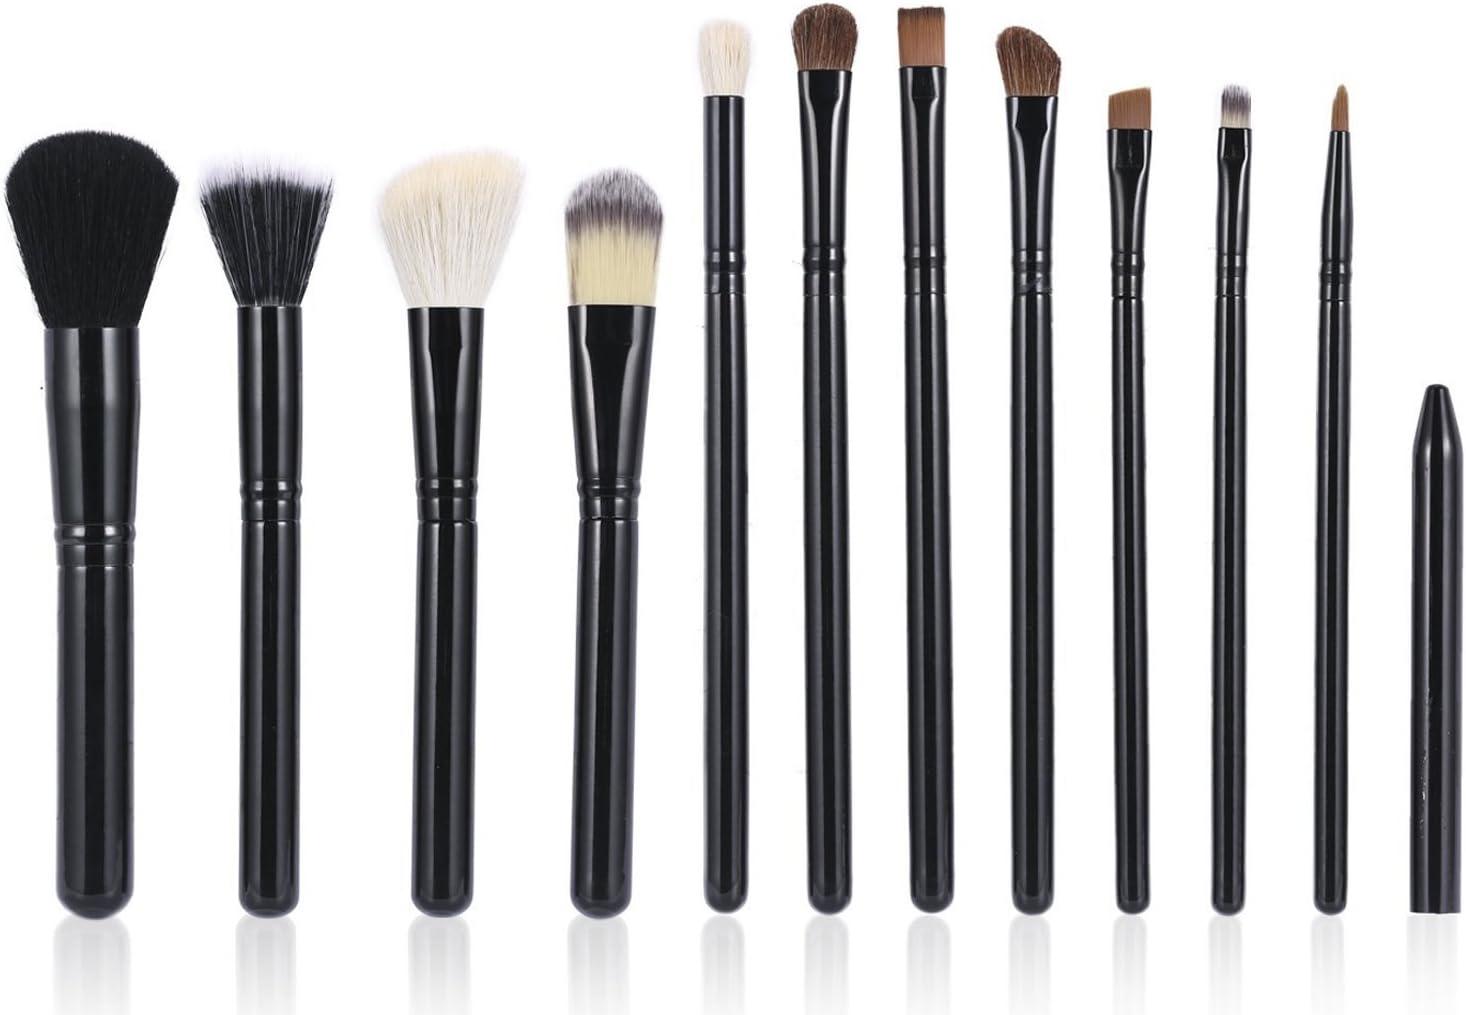 Brochas de Maquillaje Luxebell 12pcs Set de Pinceles Profesionales, Cepillos Cosmético de Sombra de Ojos Fundación Corrector Ceja en Polvos (Negro): Amazon.es: Deportes y aire libre